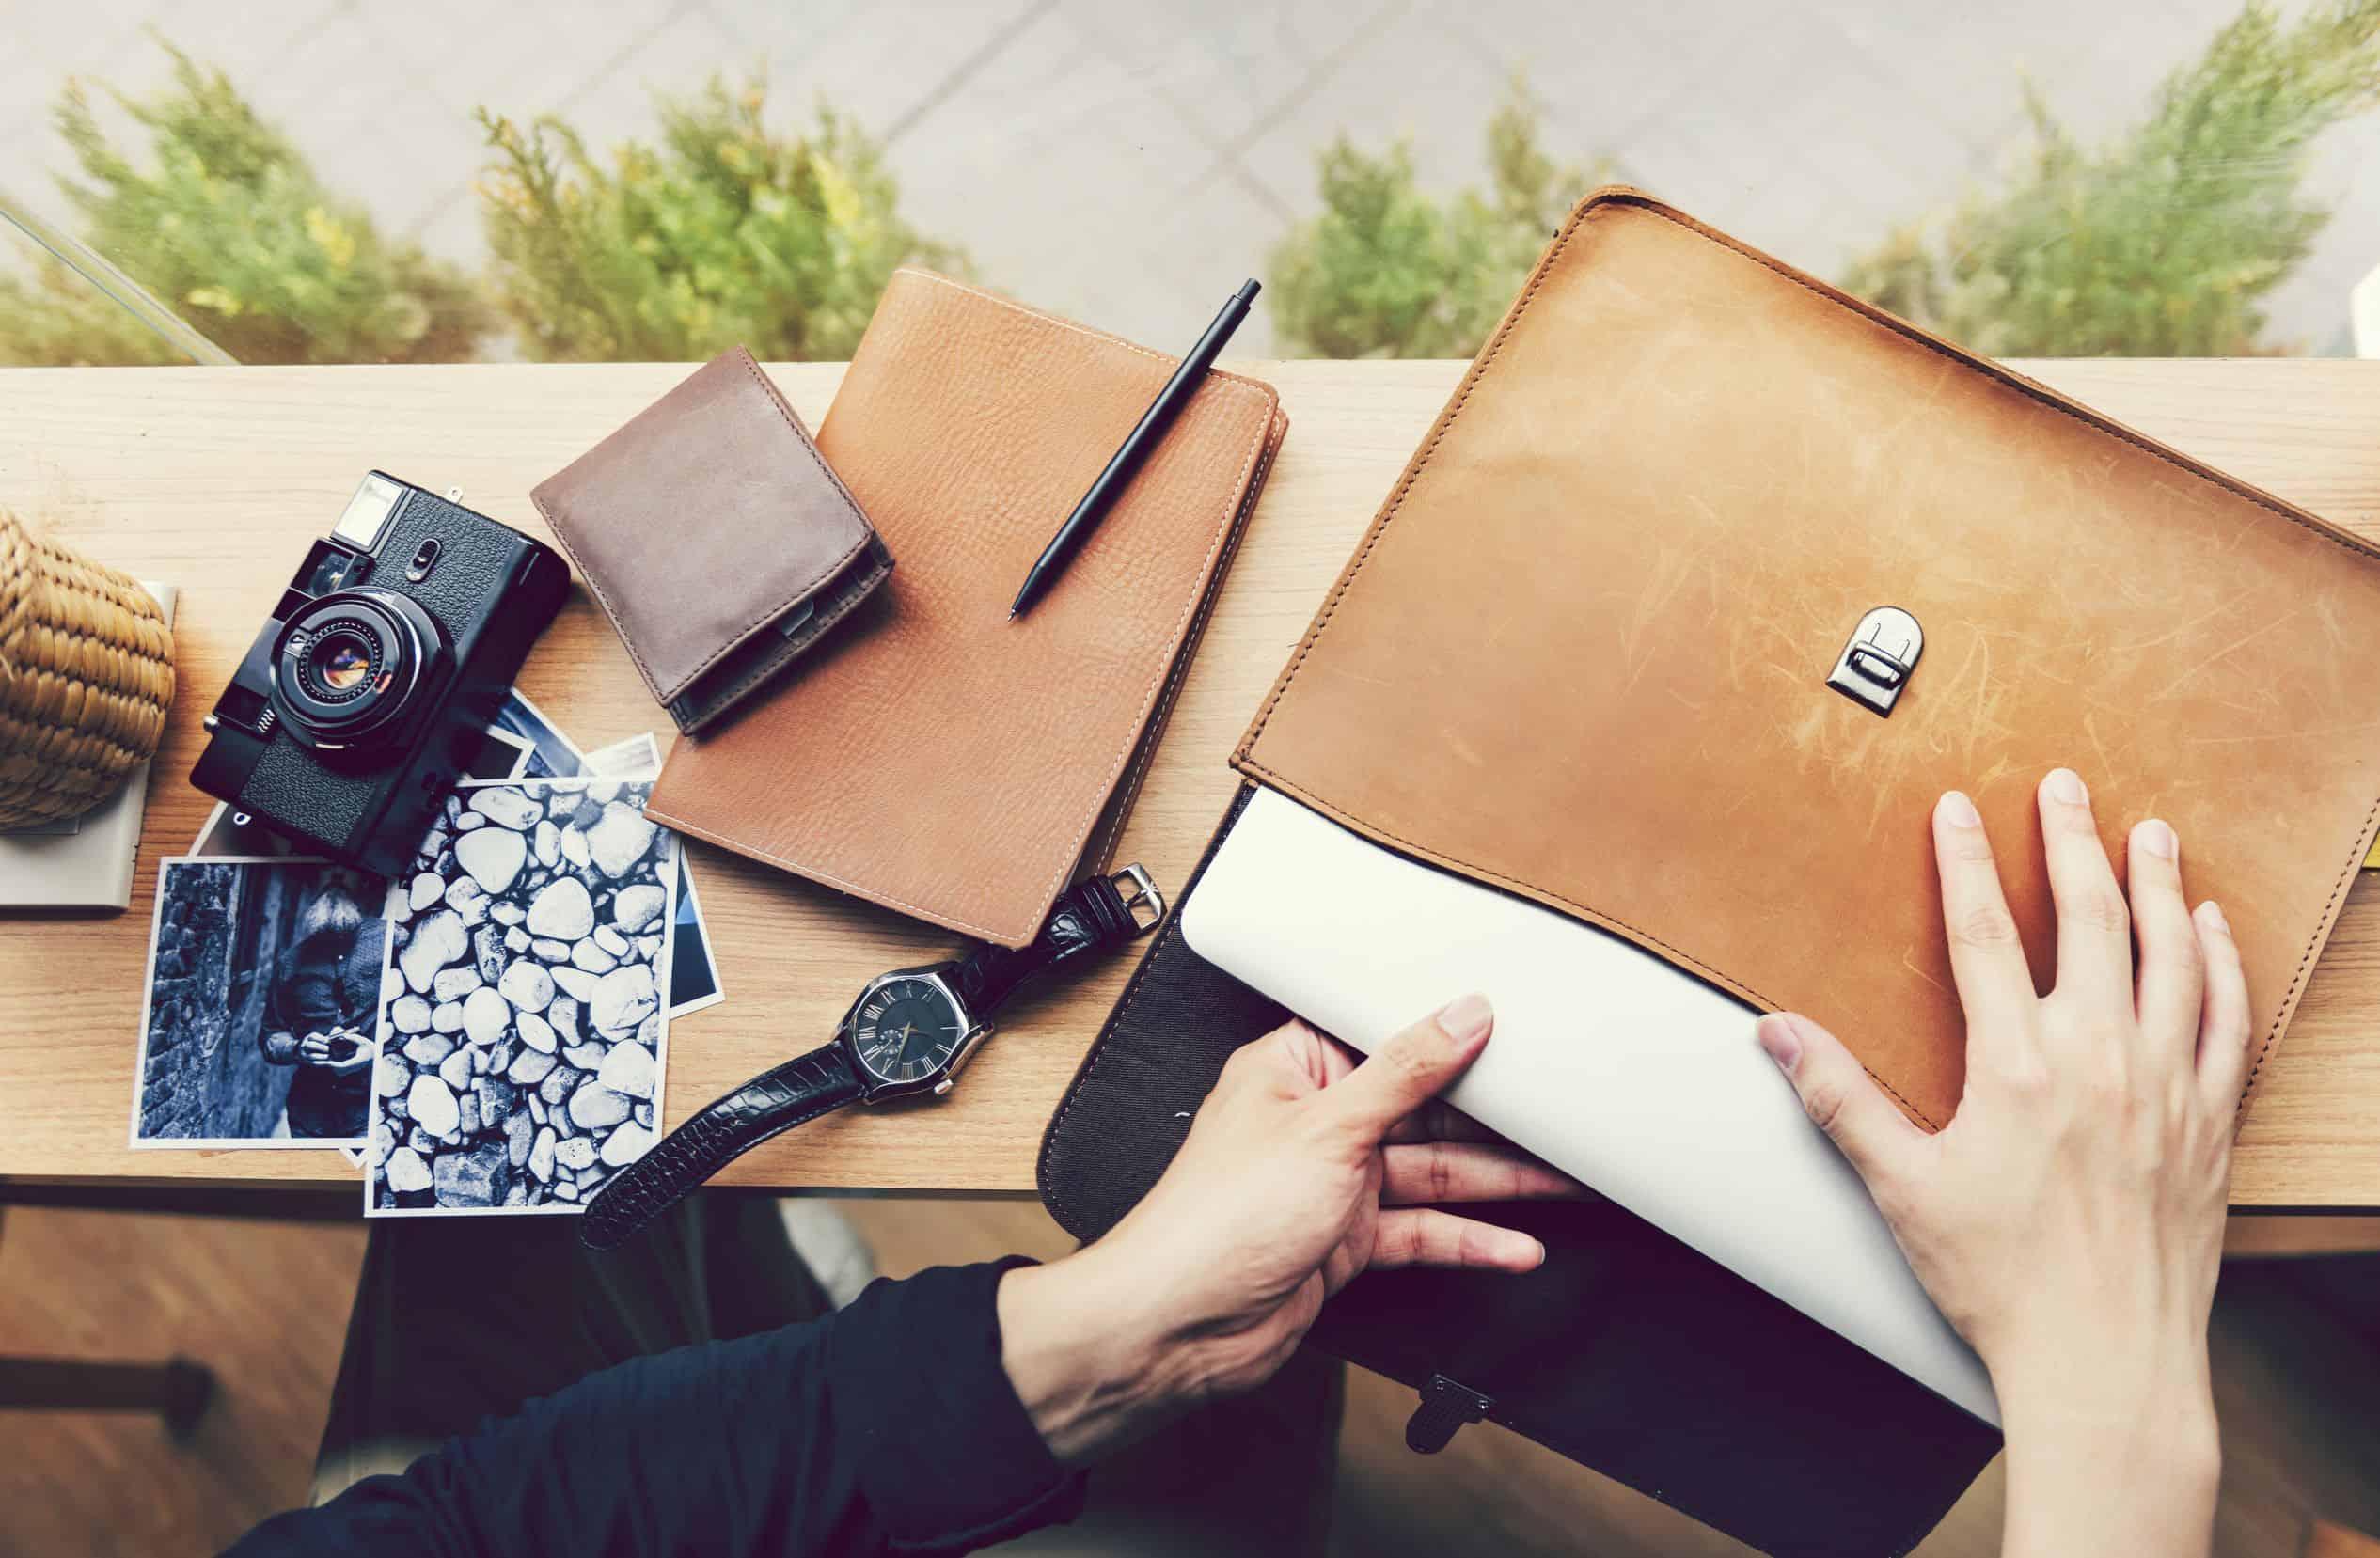 Laptoptasche: Test & Empfehlungen (01/21)